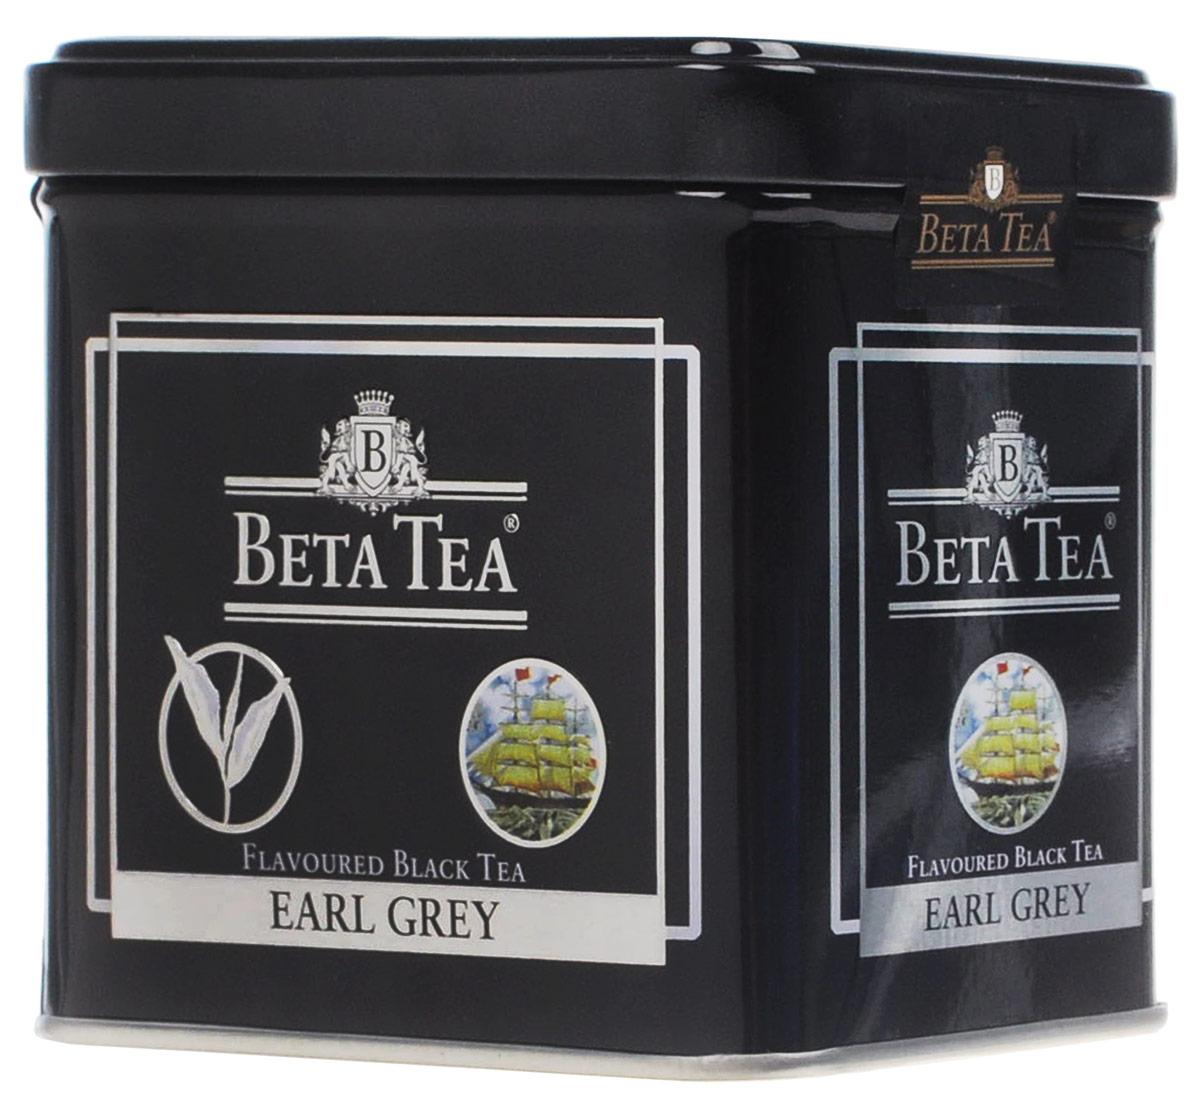 Beta Tea Earl Grey черный листовой чай, 100 г (жестяная банка) beta tea елка черный листовой чай 200 г